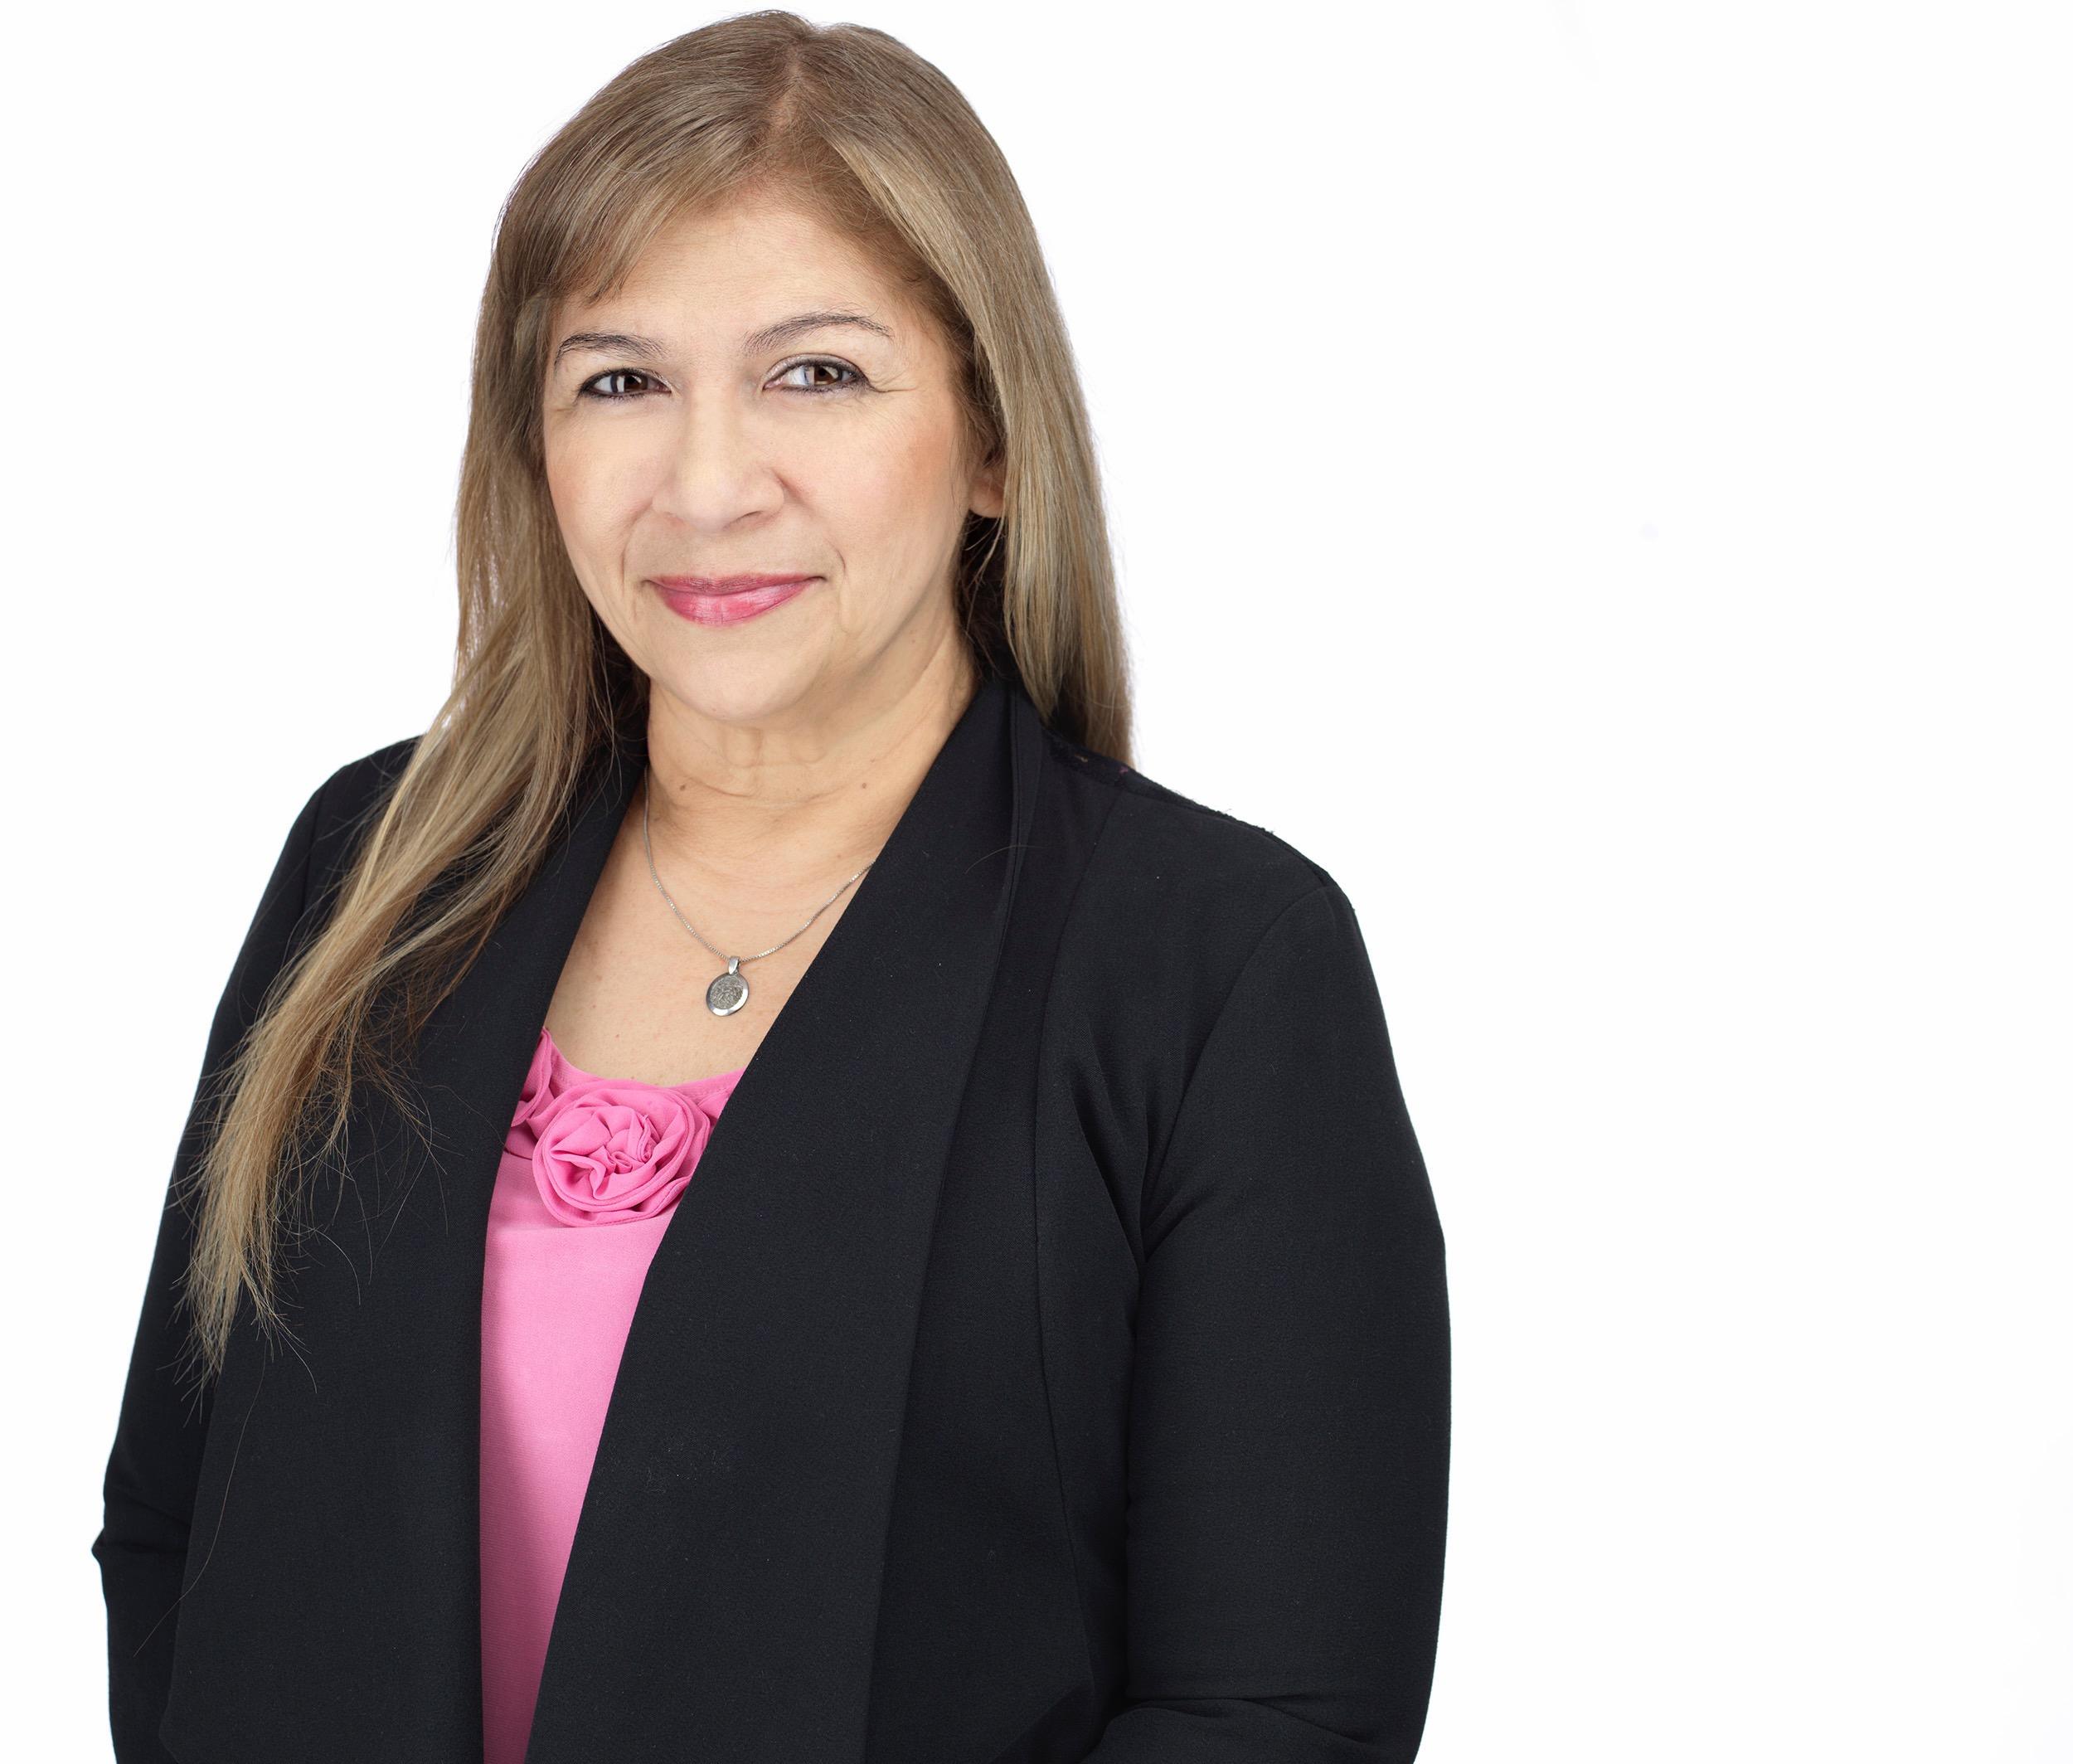 Simona undefined Ramirez